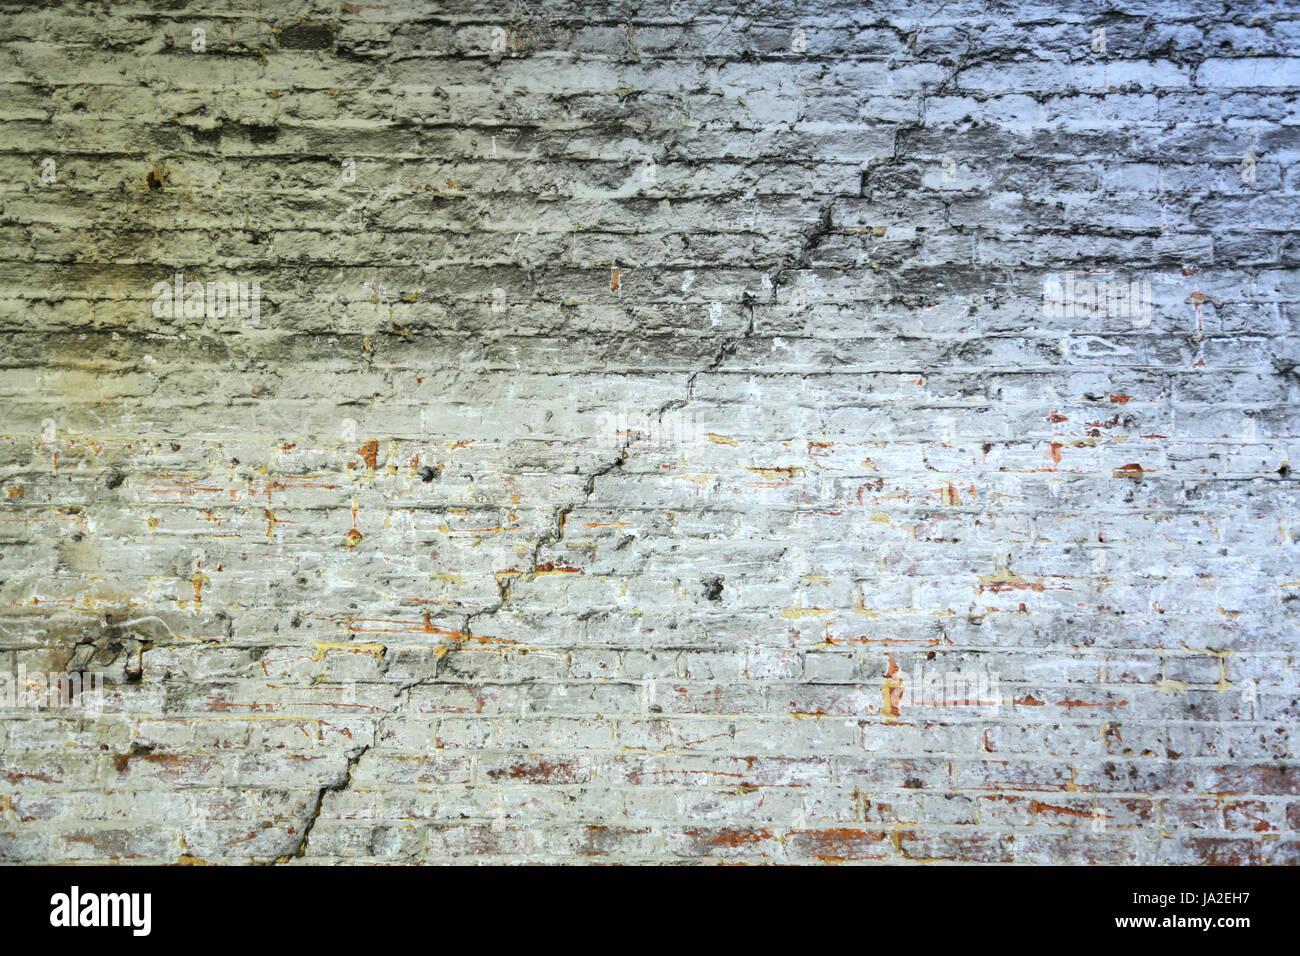 Stonewall Stockfotos & Stonewall Bilder - Seite 126 - Alamy